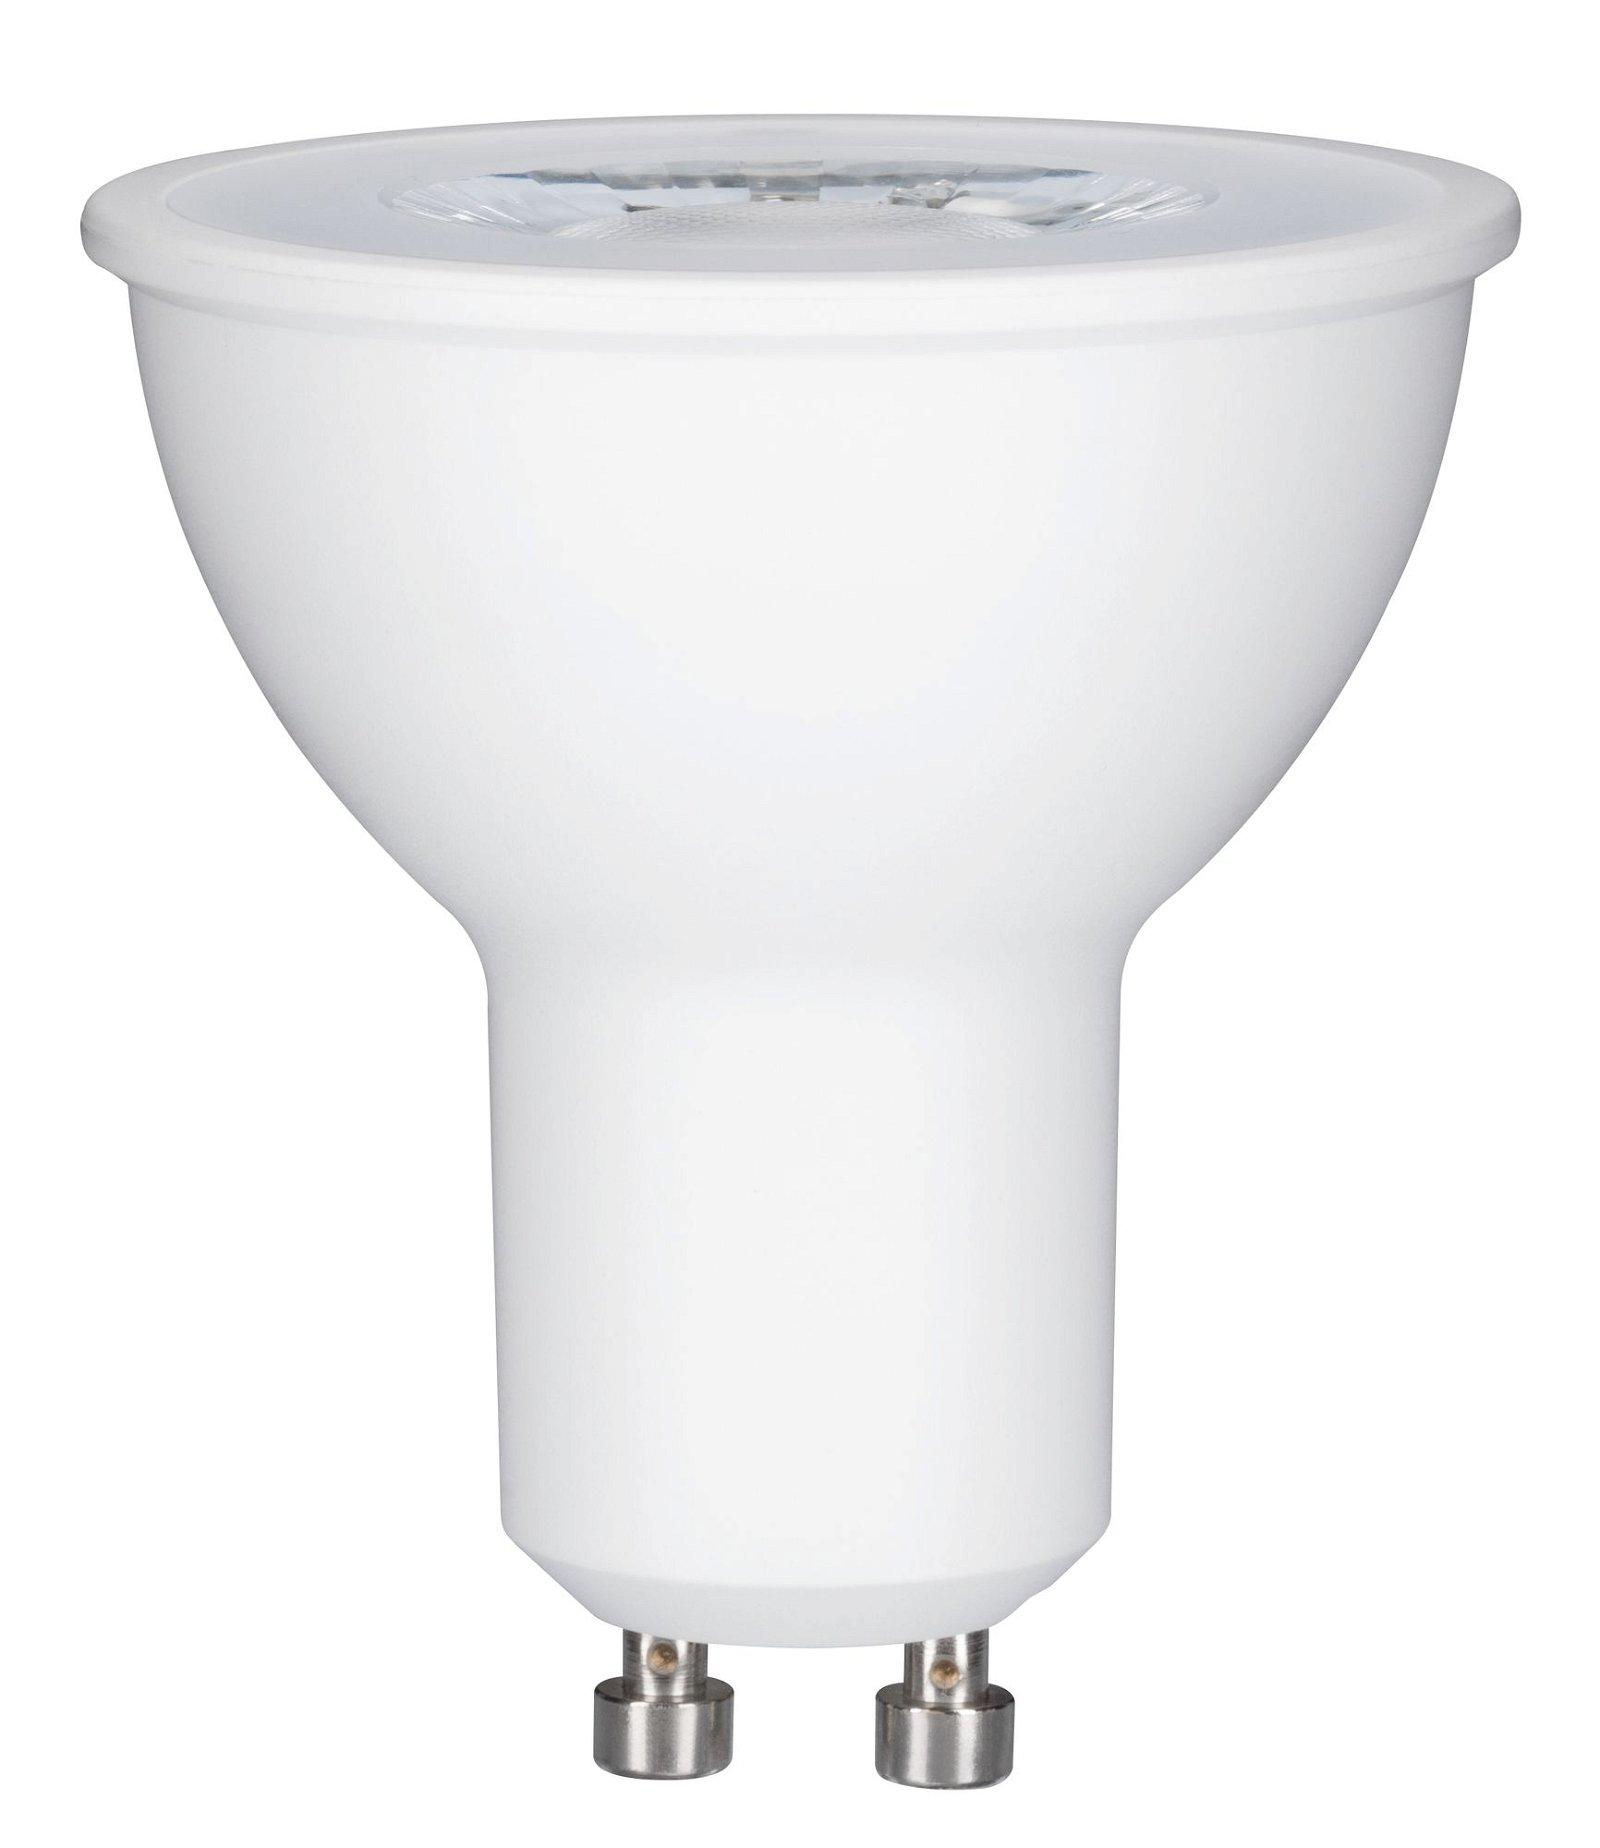 LED Reflektor GU10 230V 460lm 6,5W 2700K Weiß